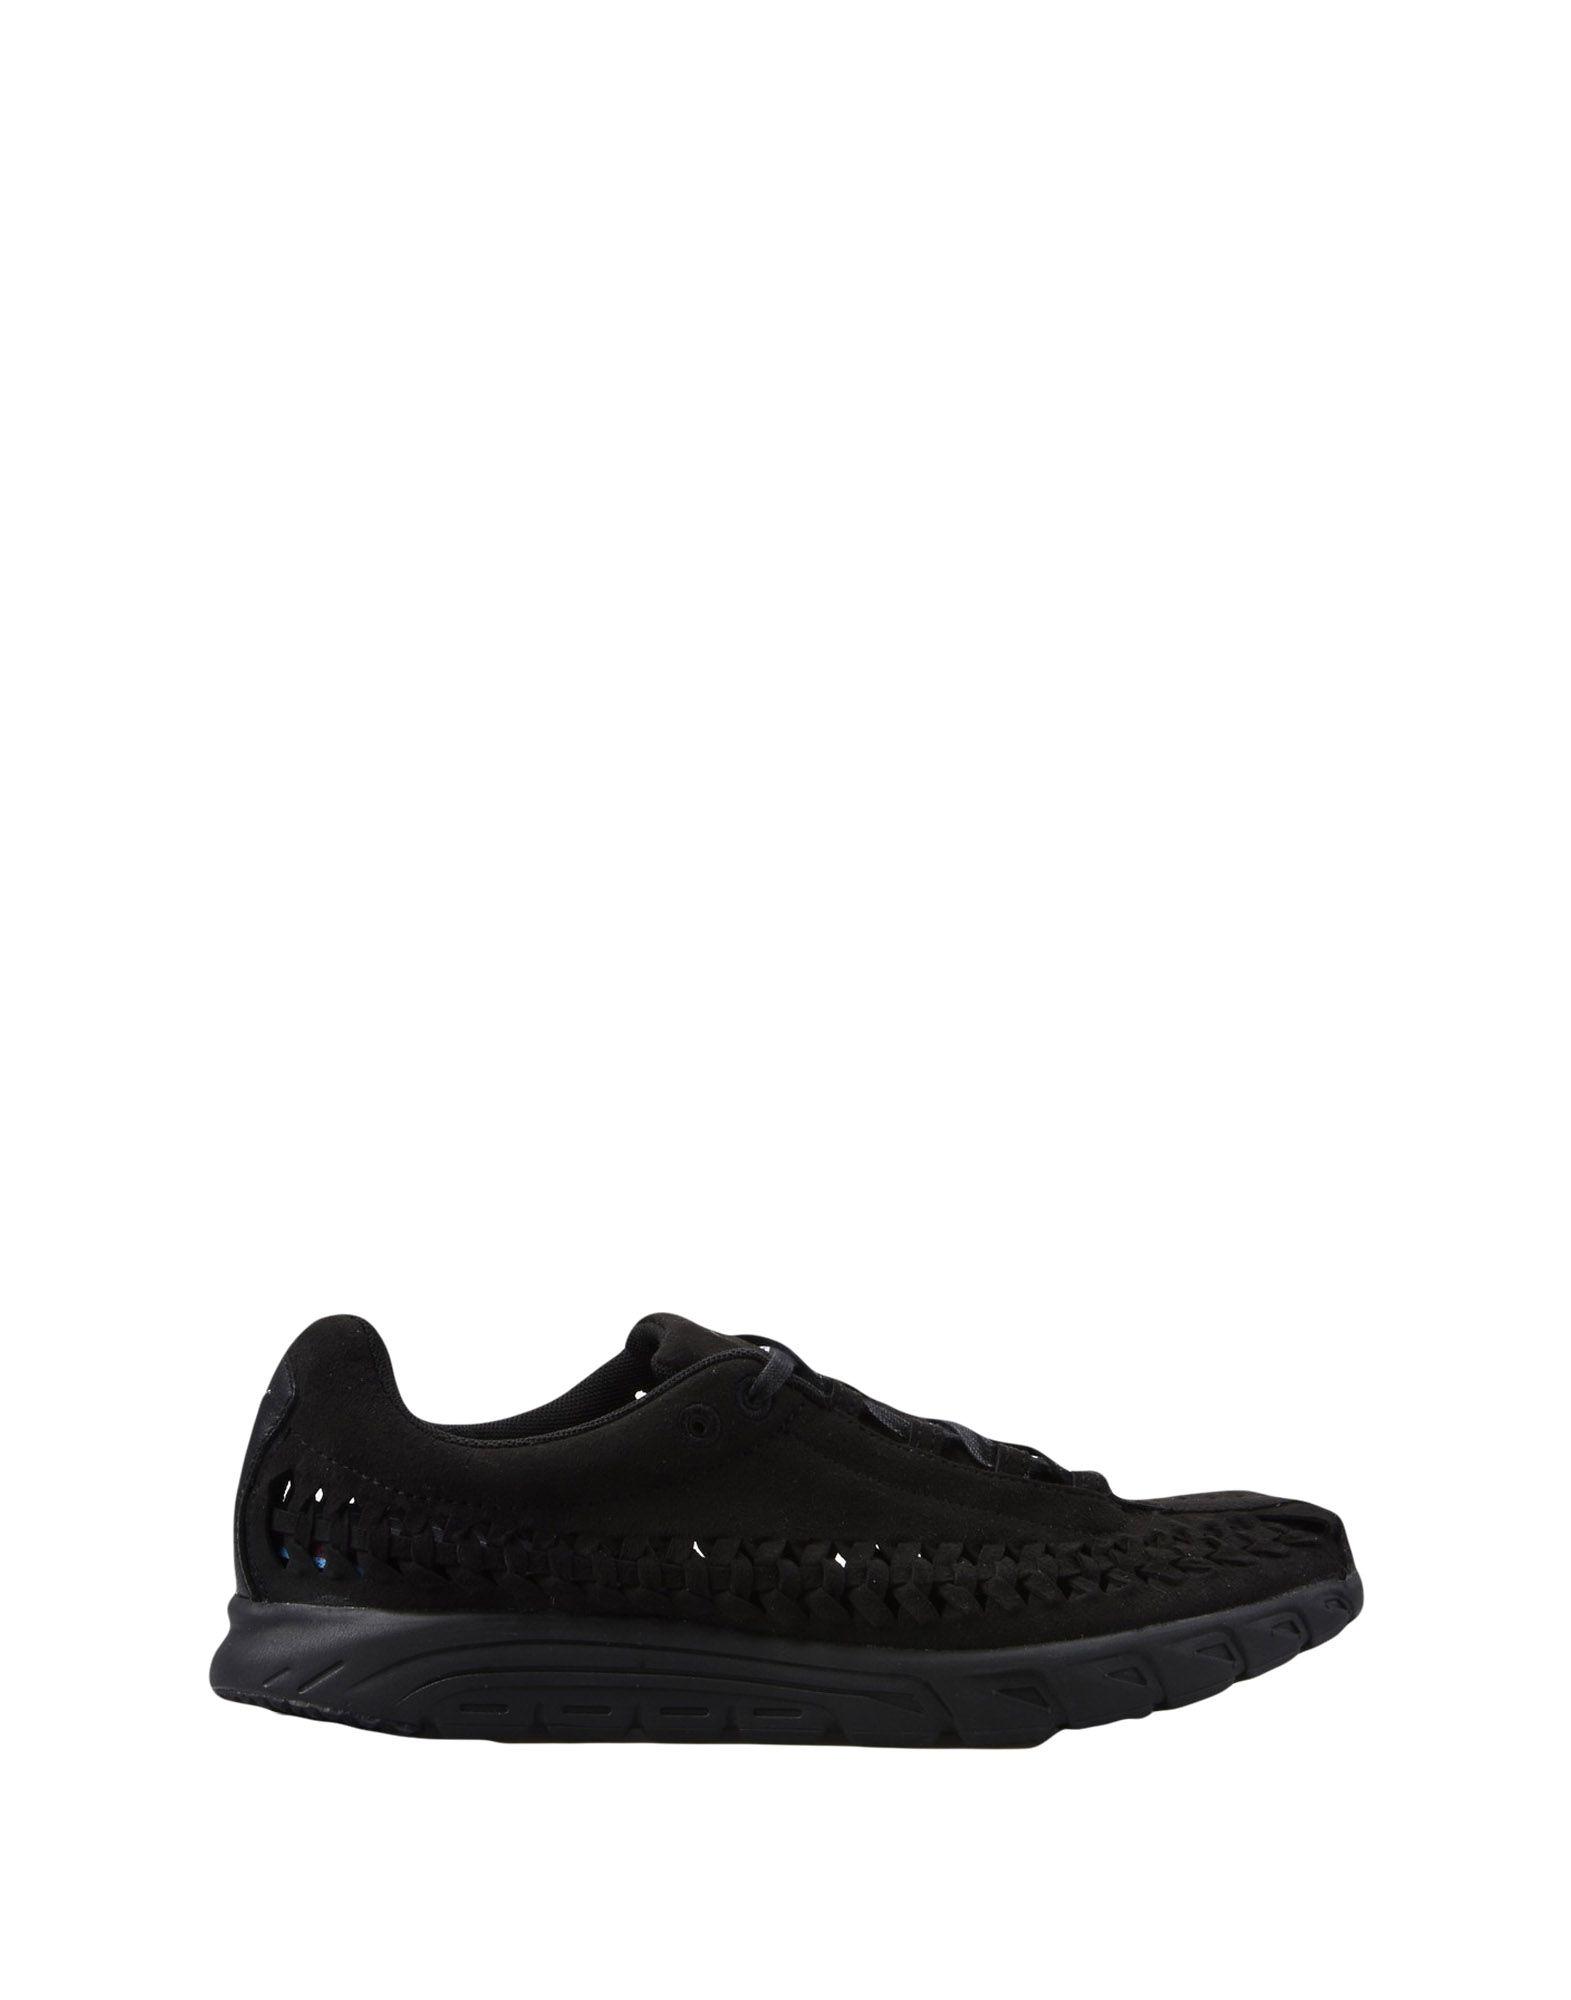 Sneakers Nike  Mayfly Woven - Femme - Sneakers Nike sur